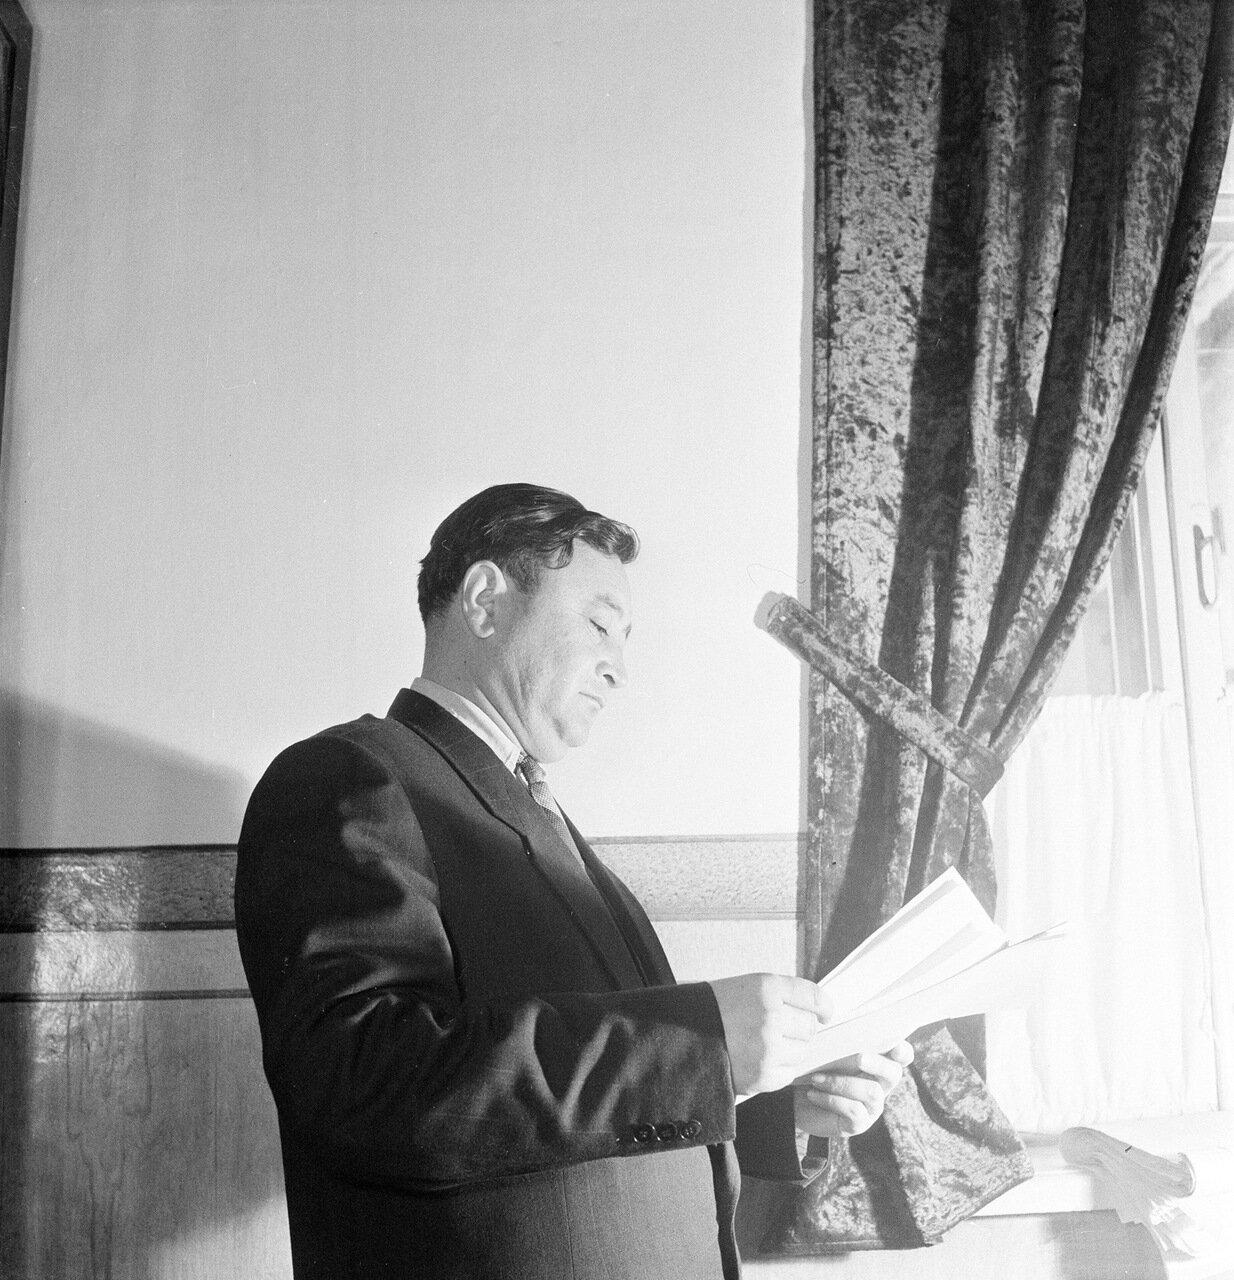 Заместитель министра культуры, драматург Сабир Мухамедов 1958